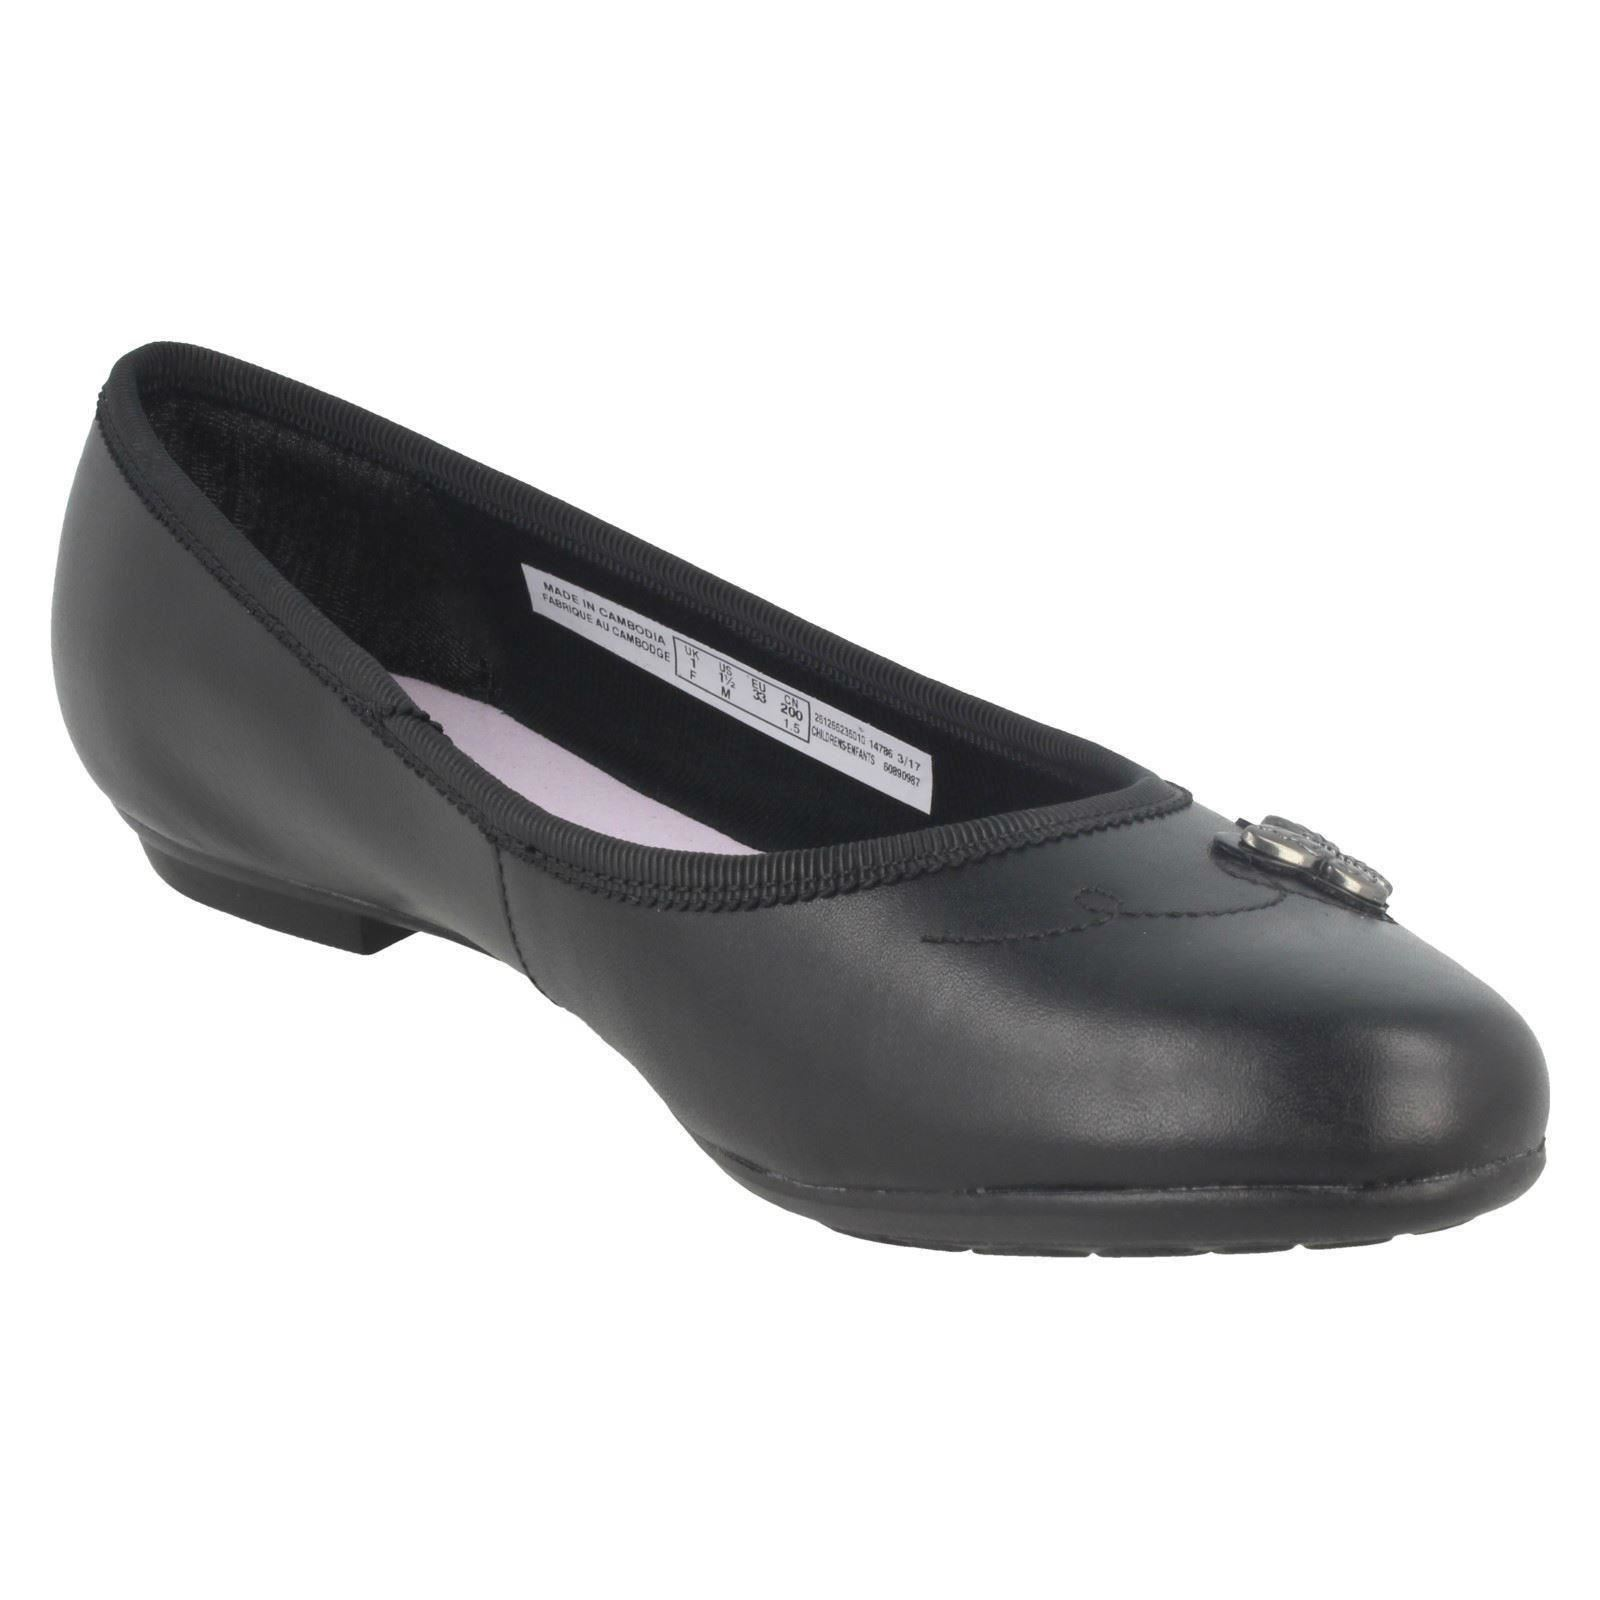 Chicas Clarks Zapatos Escolares Plana Con Detalle De Mariposa Abitha Rae